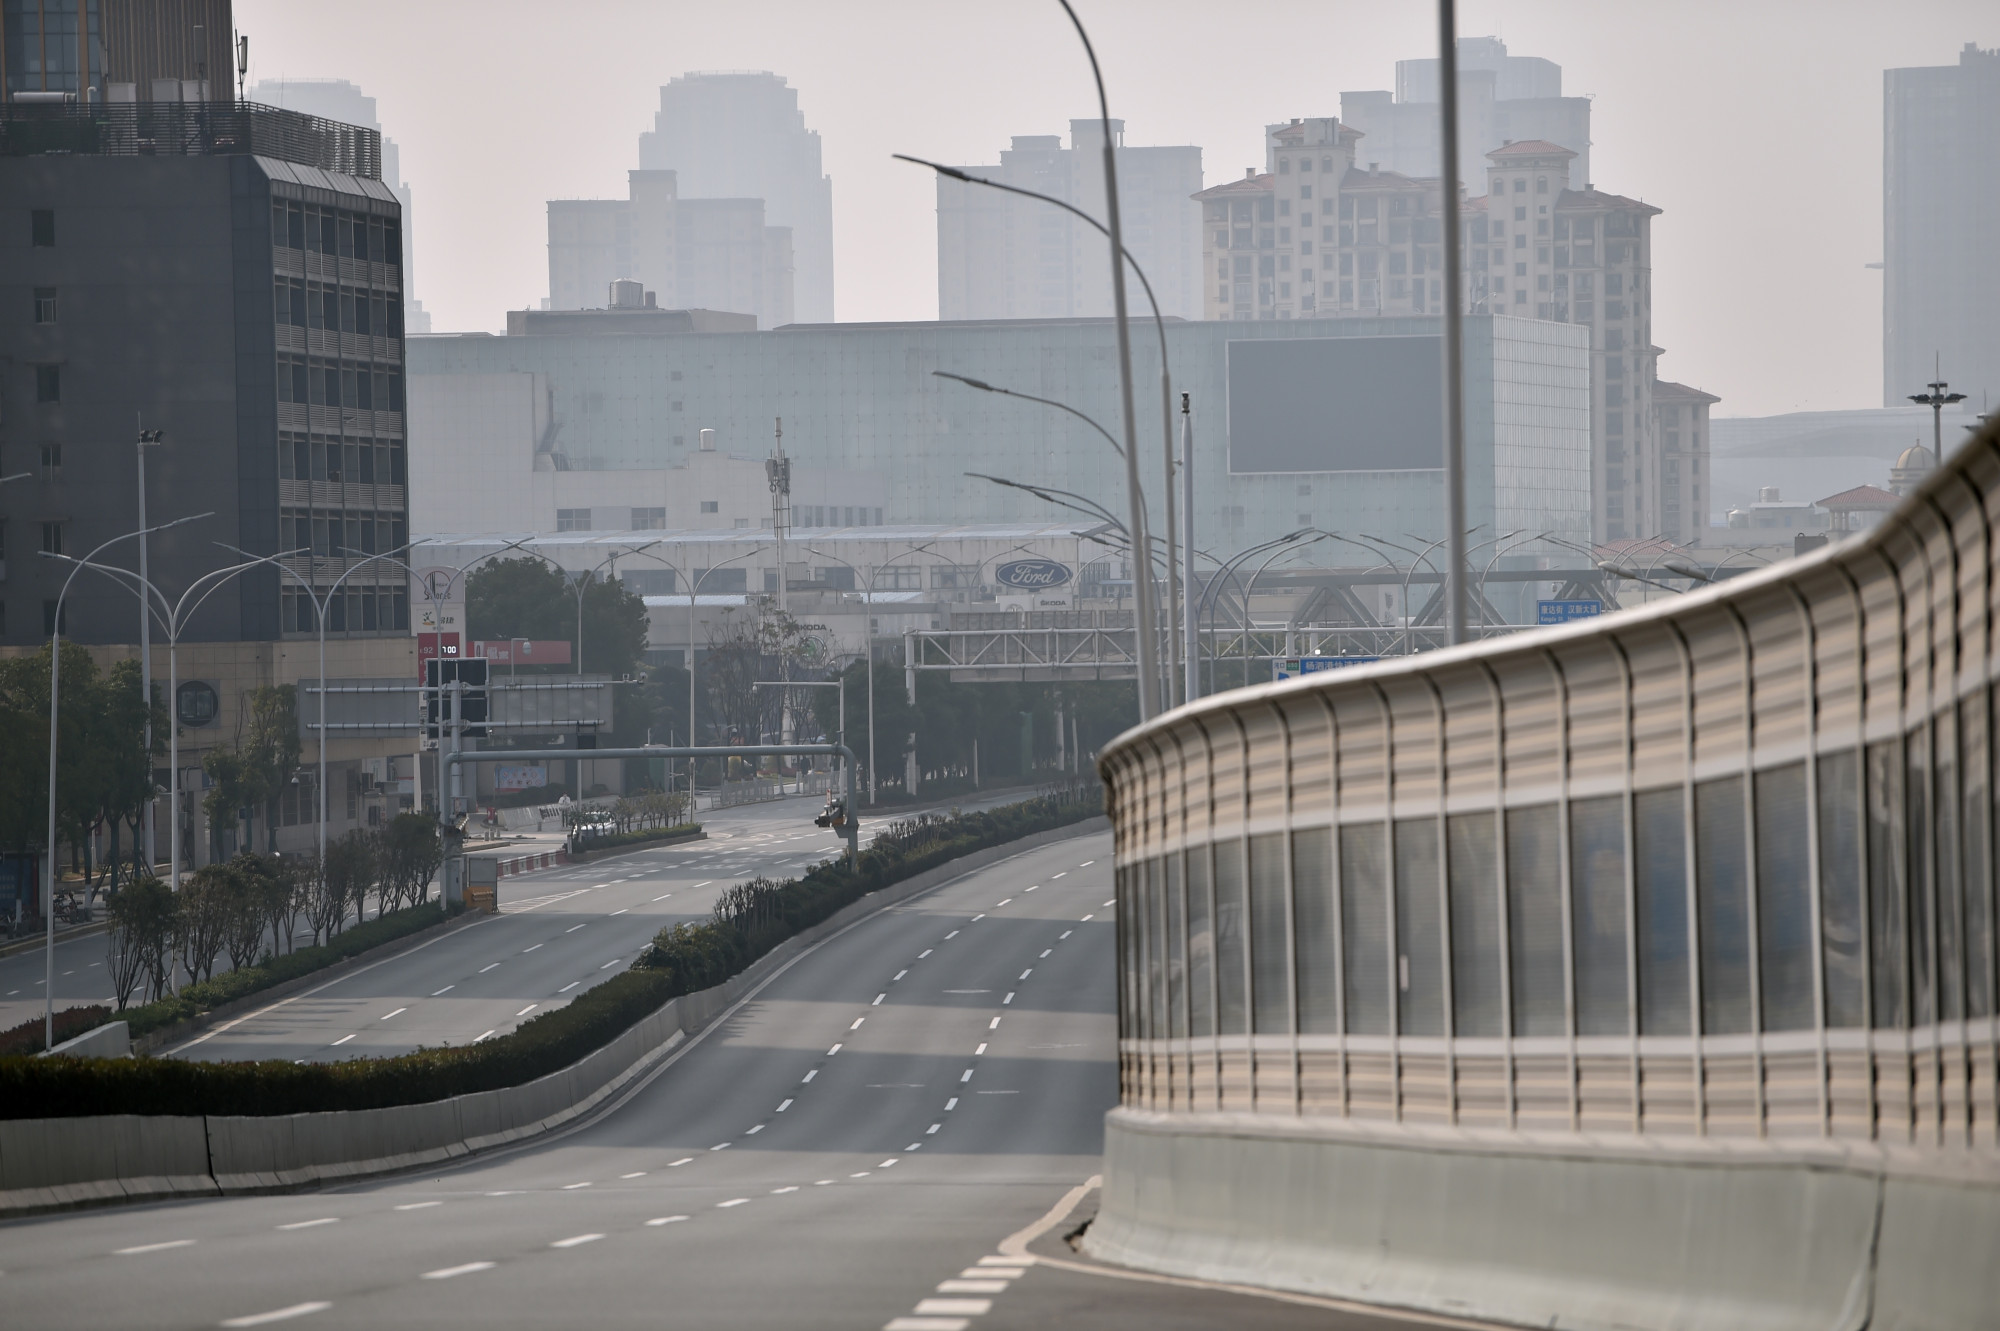 Đường phố Vũ Hán vắng tênh vào ngày 29/1 khi thành phố bị phong tỏa.